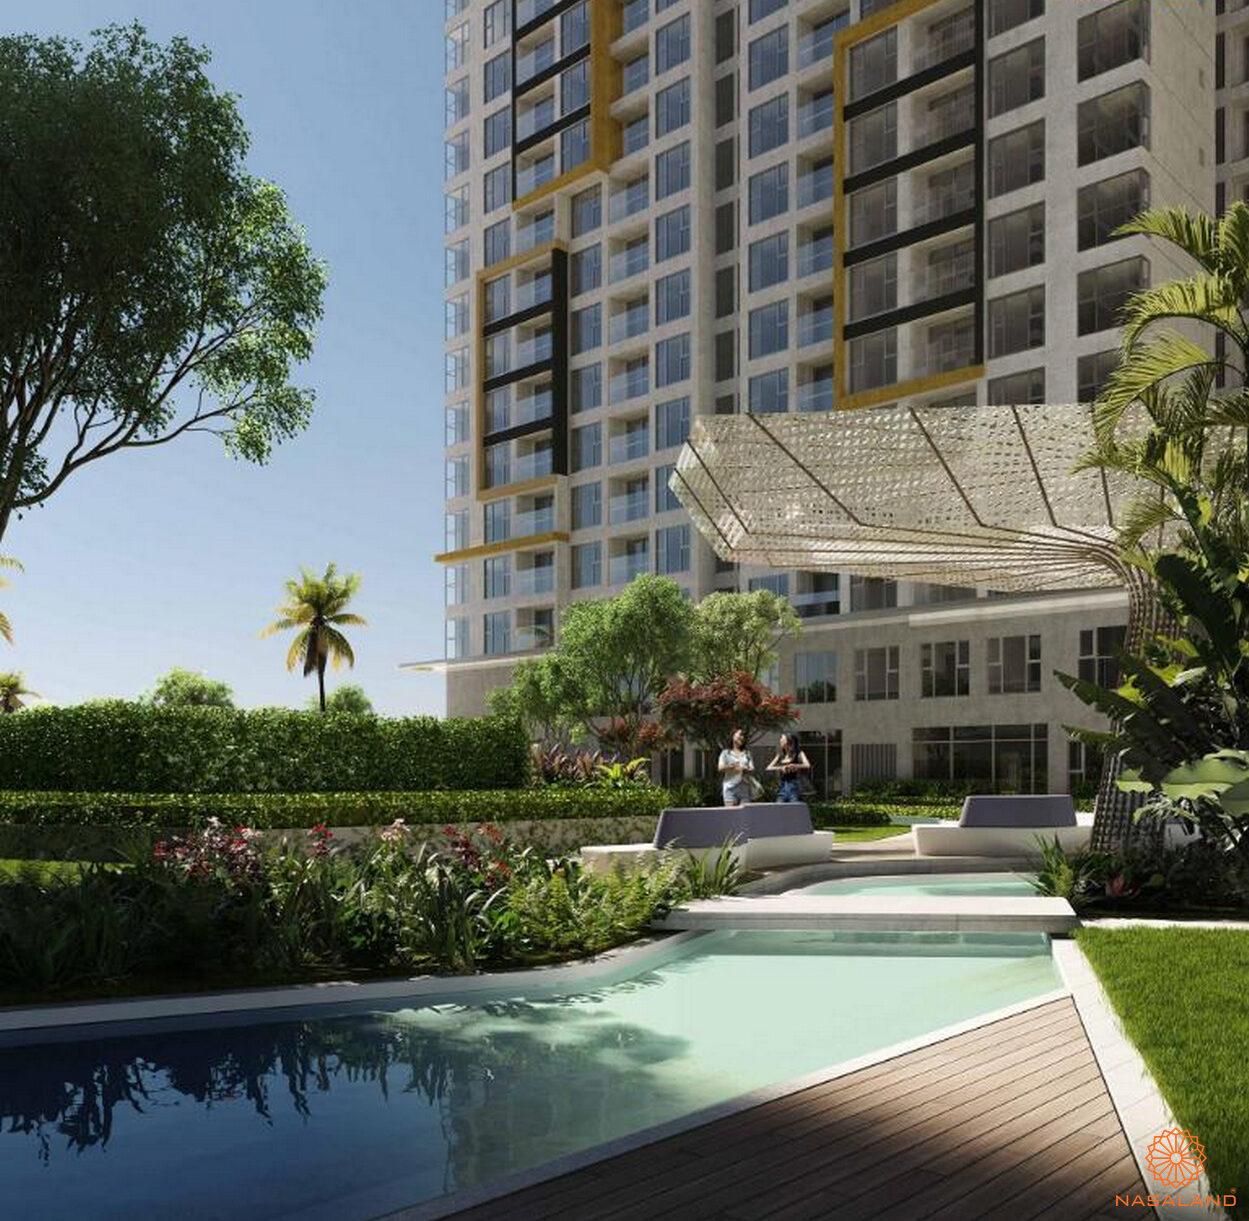 Vườn dạo bộ dự án căn hộ Masterise Grand Park